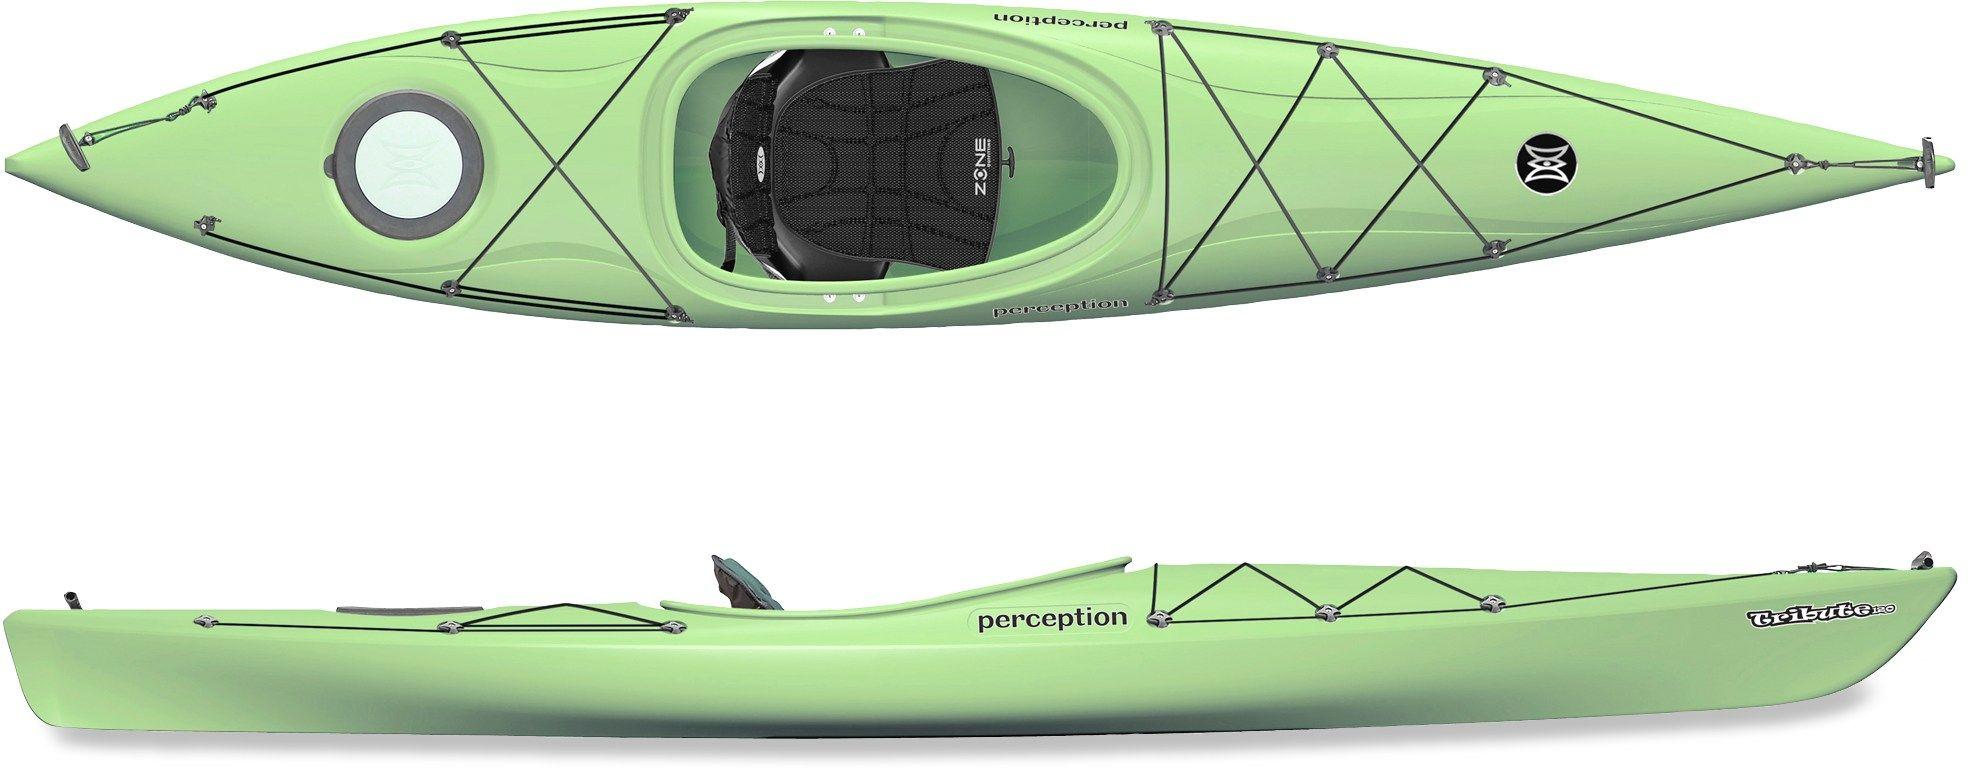 Perception Tribute 12 Kayak Kayaking, Perception, Kayak